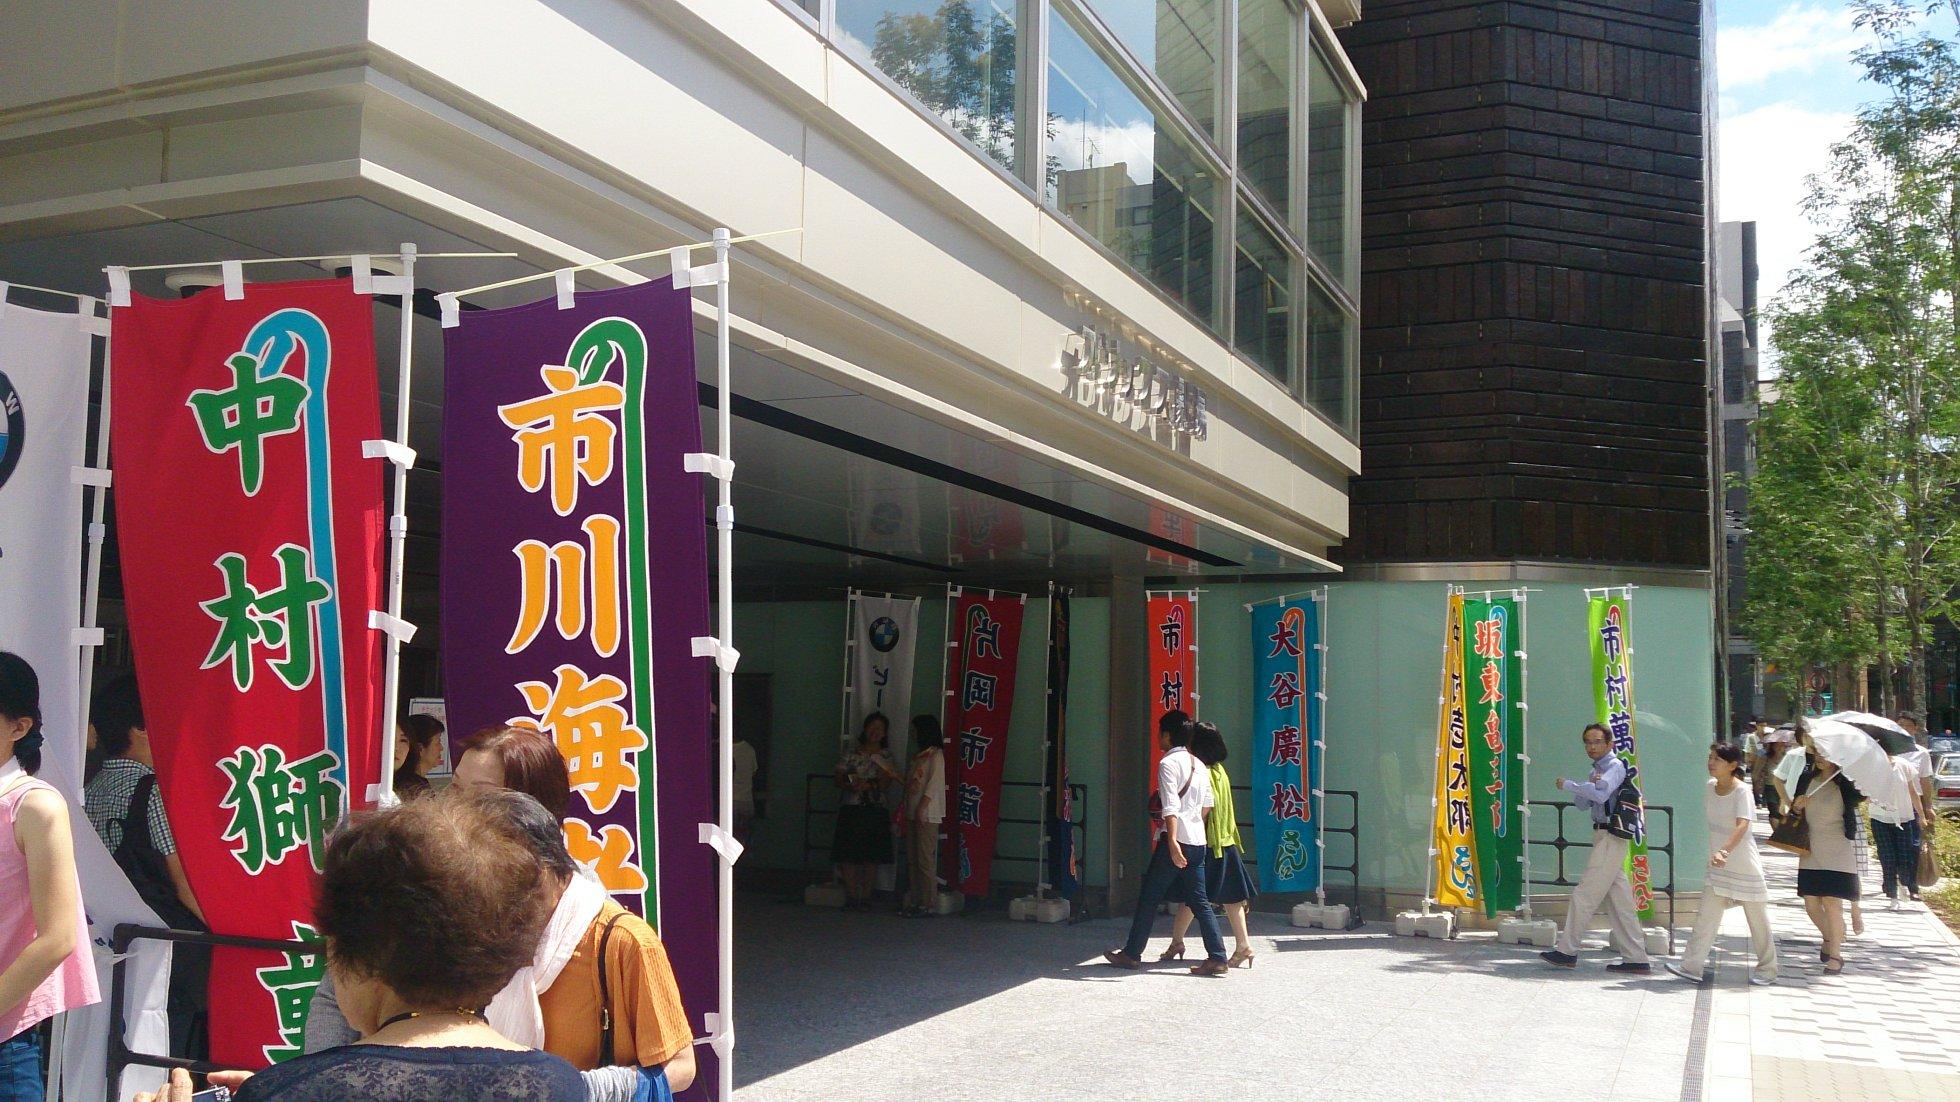 六本木歌舞伎観てきました!_a0221584_15464289.jpg